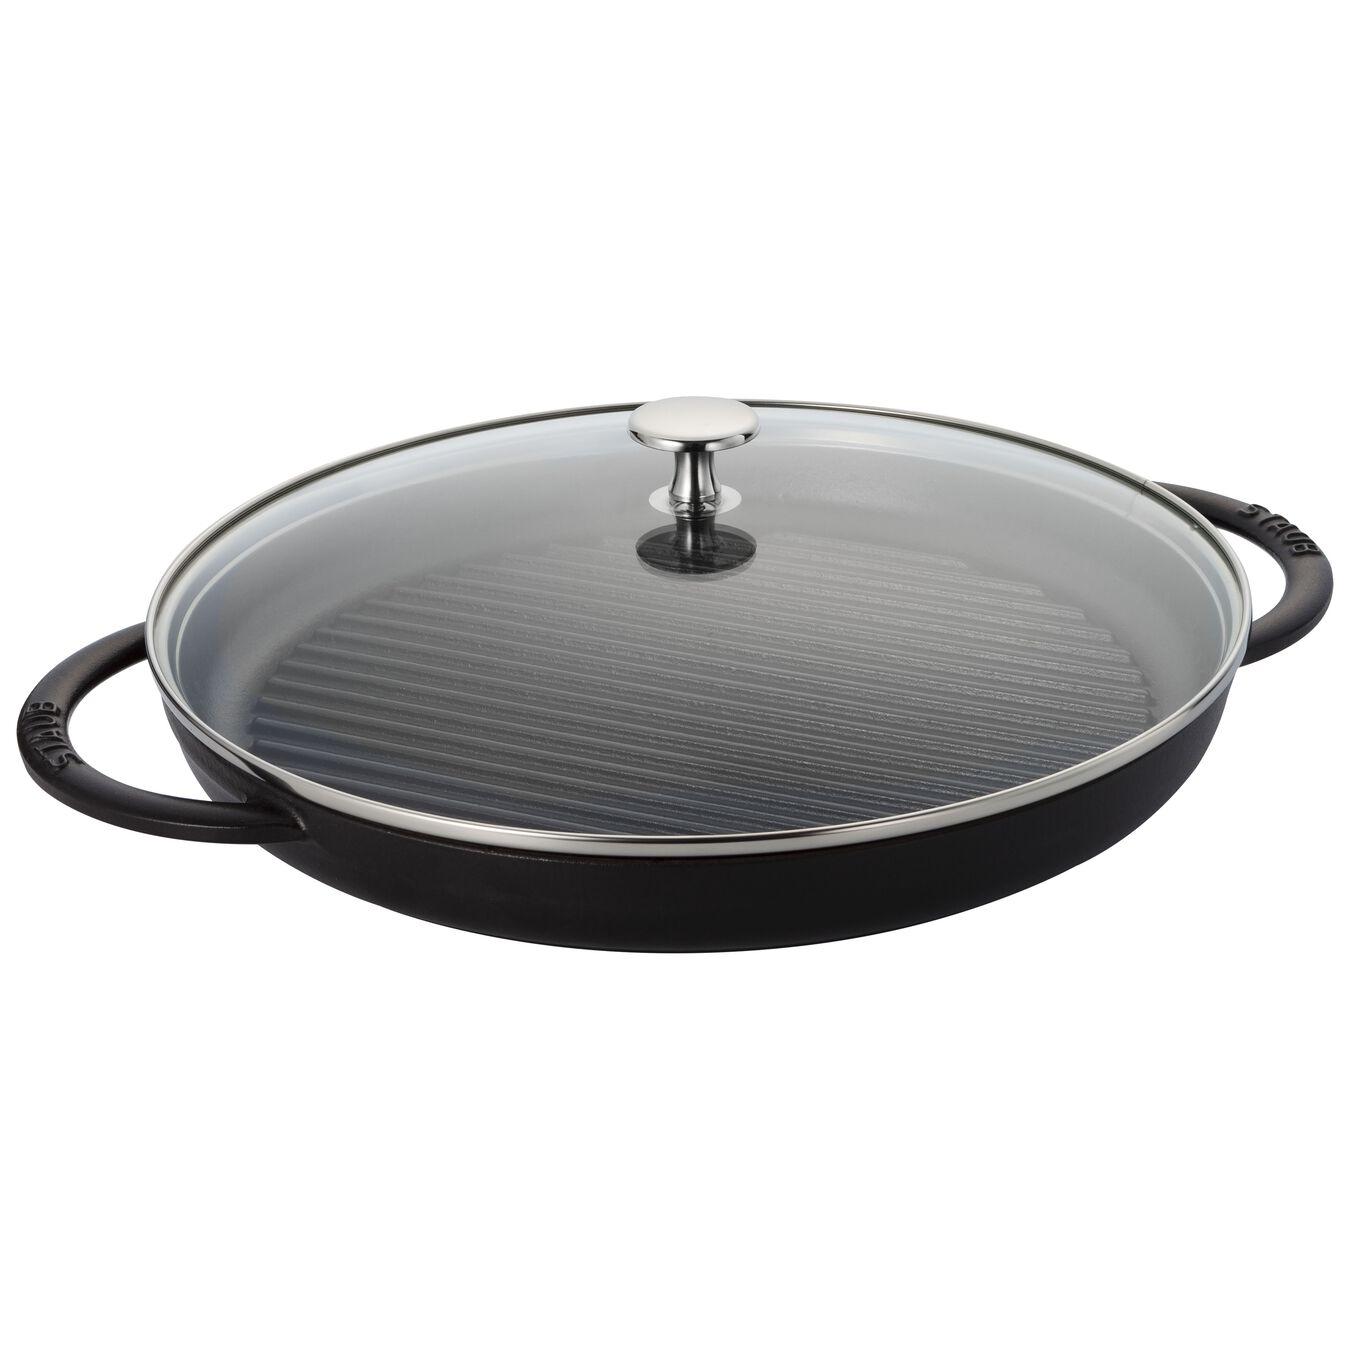 12-inch Round Steam Grill - Black Matte,,large 1